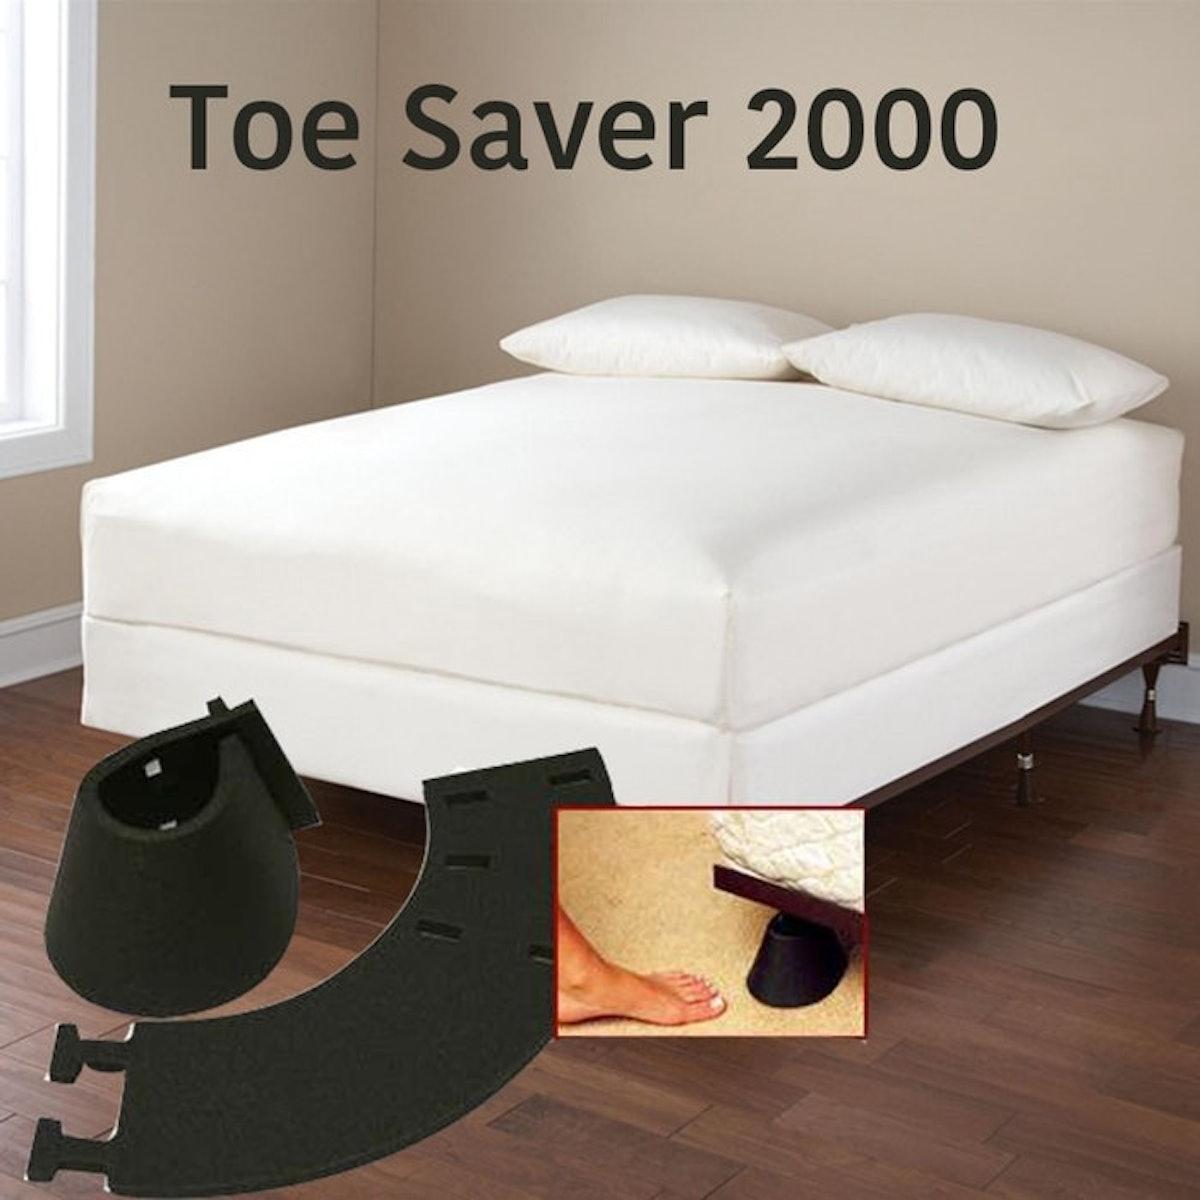 Toe Saver 2000 Toe Protector